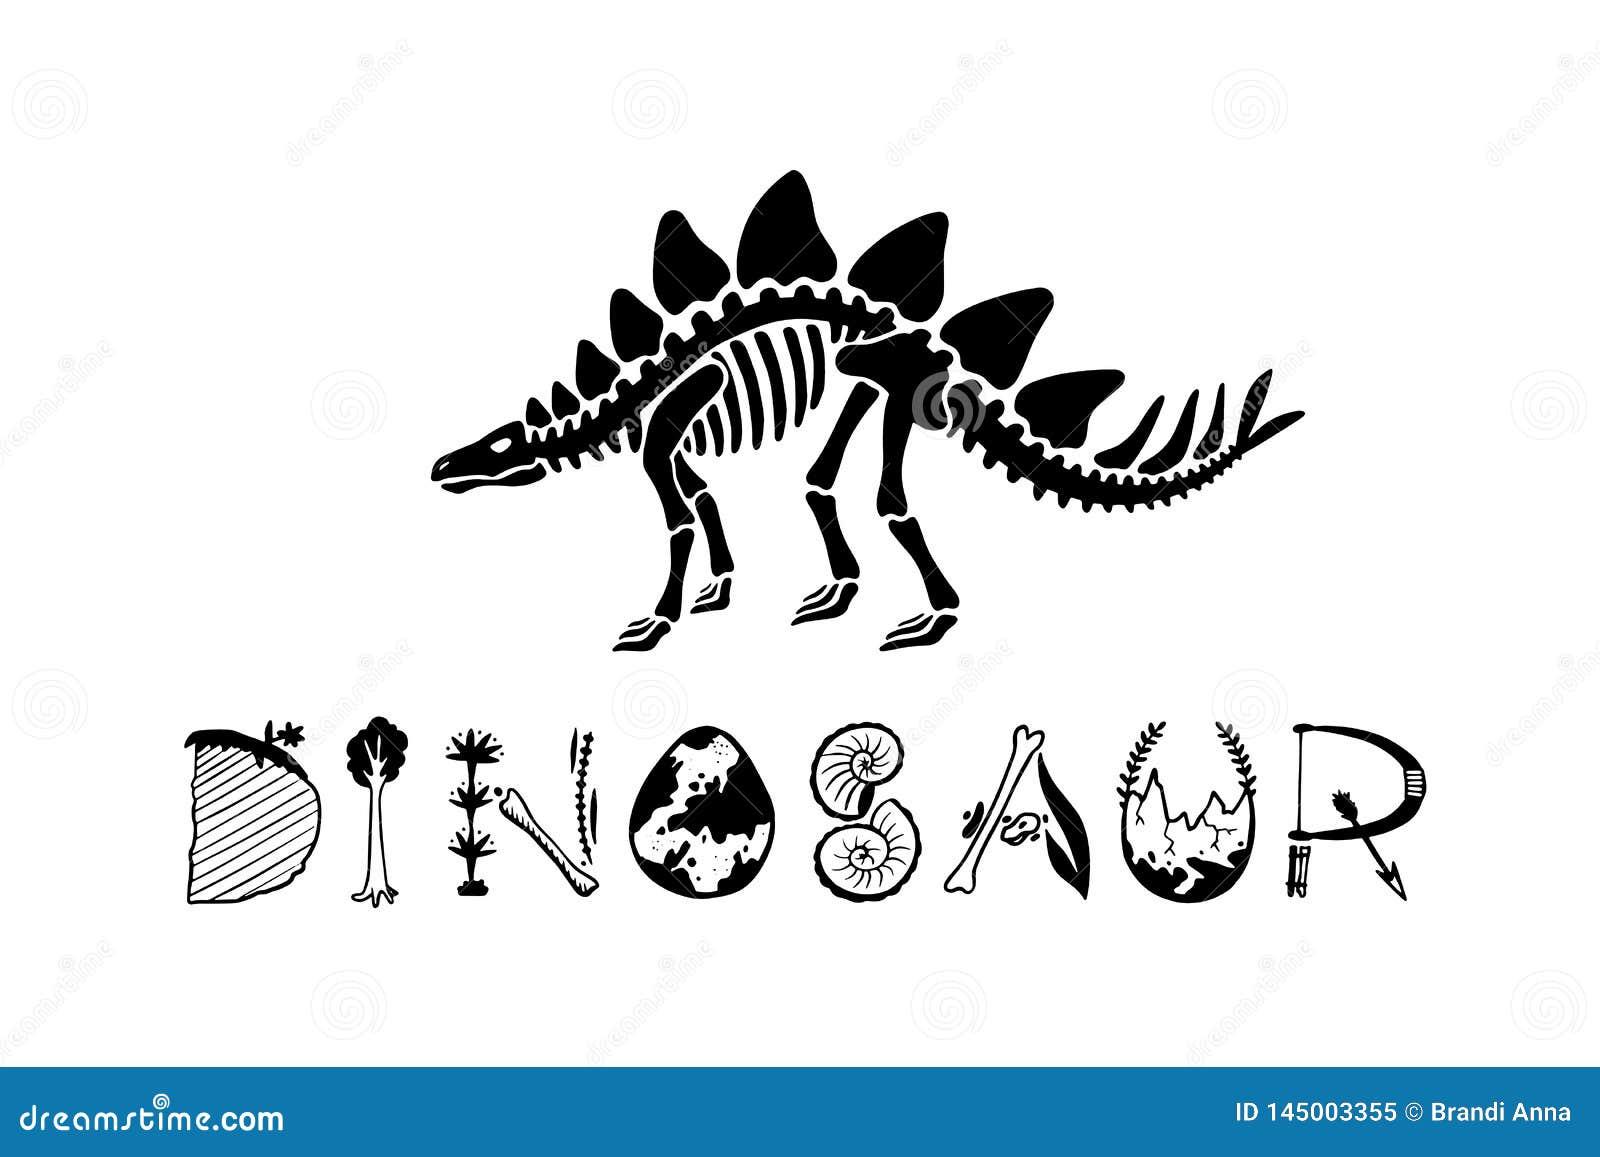 Stegosauro di scheletro del dinosauro del Logotype isolato su fondo bianco